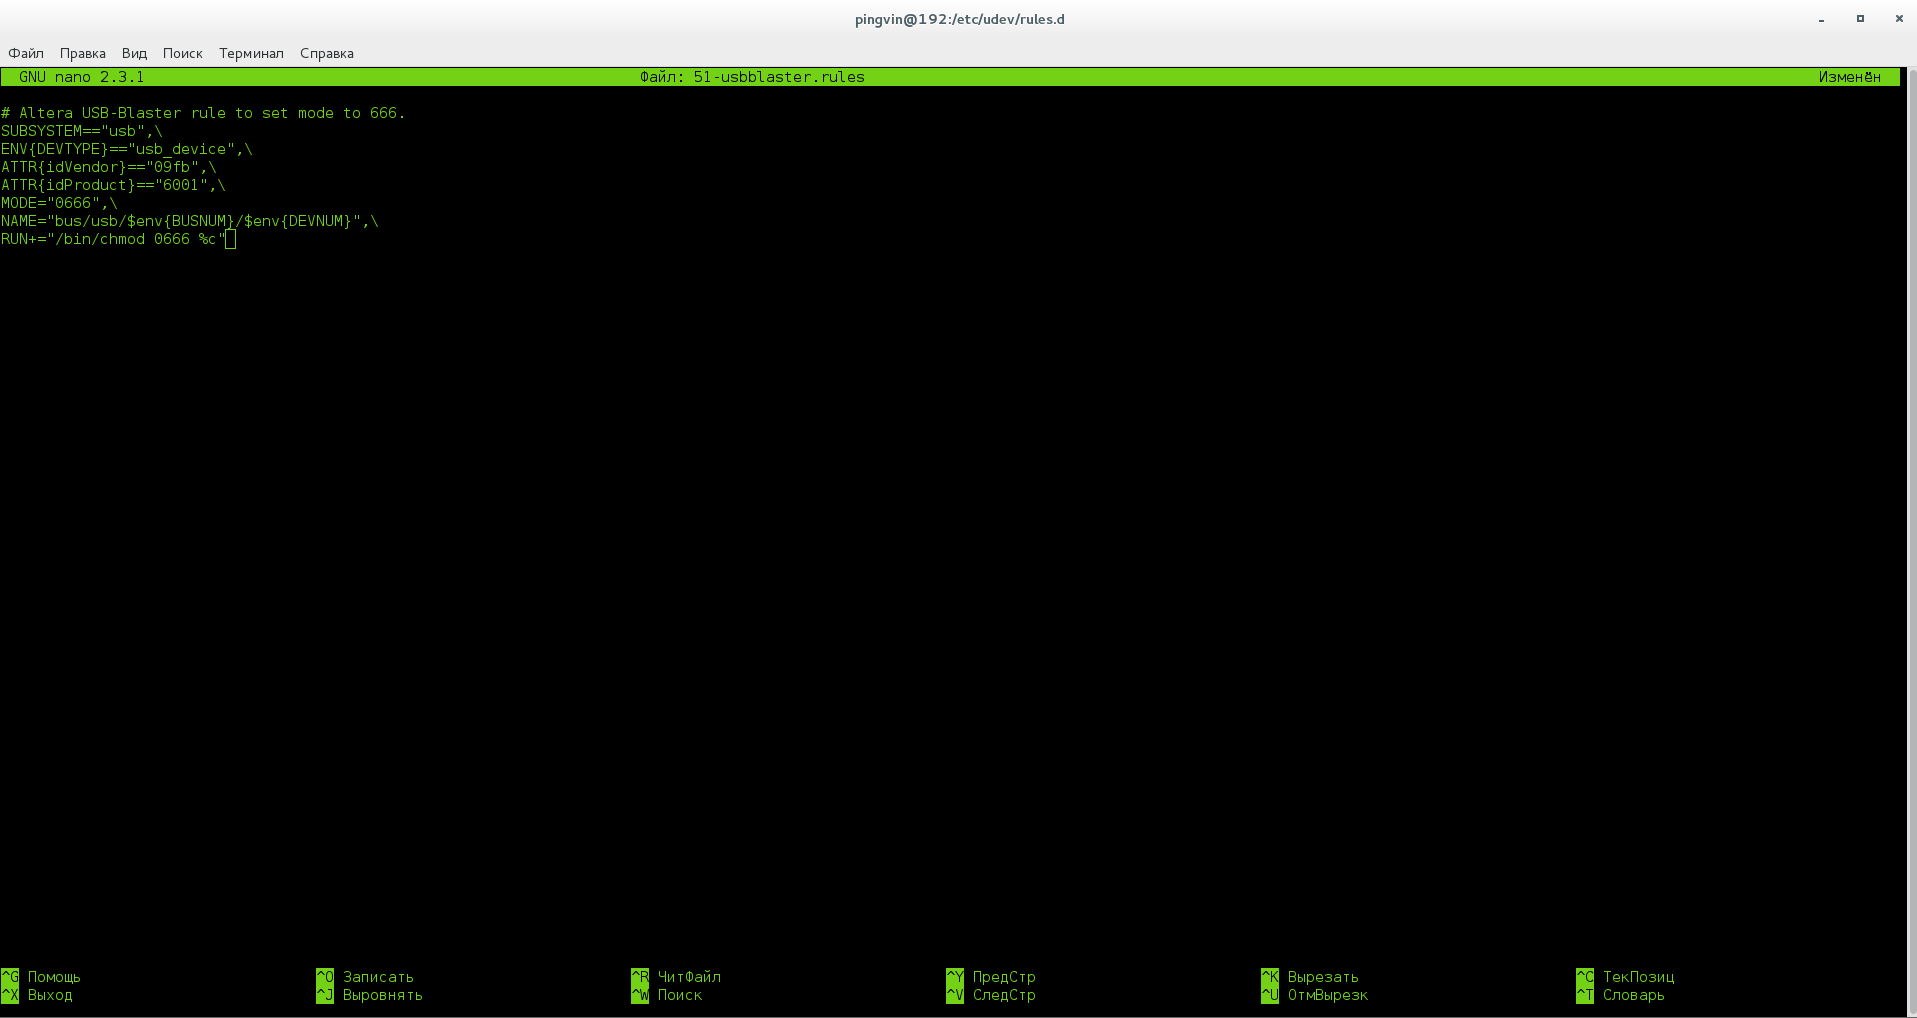 Первый проект на FPGA Altera и подключение USB-Blaster в Linux - 22